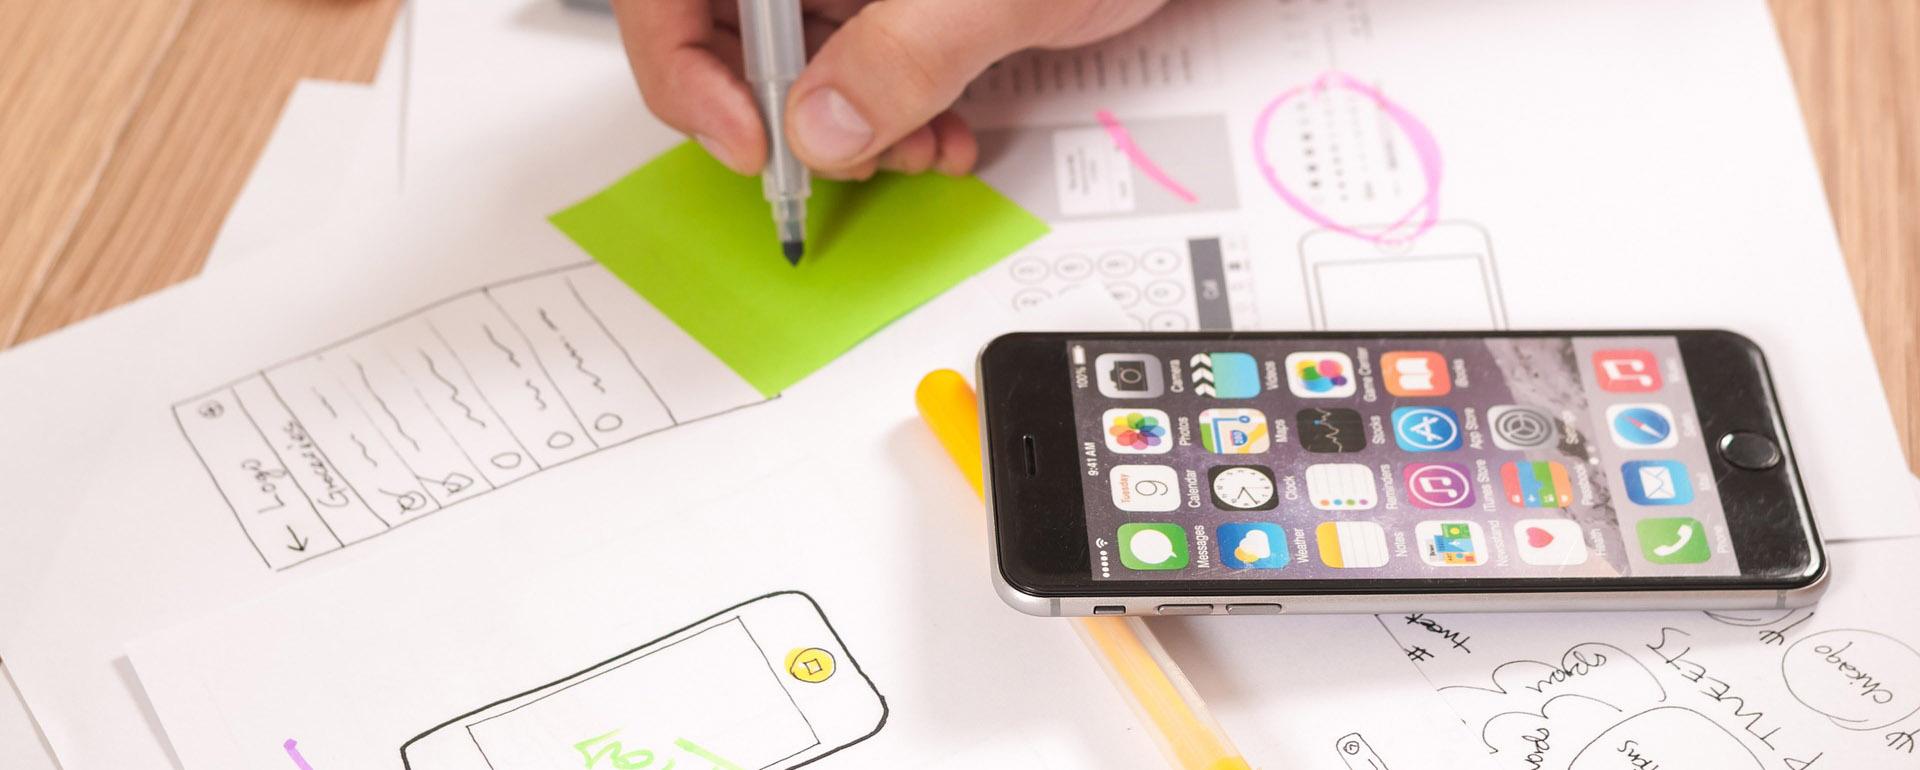 5 consejos para mejorar la experiencia de usuario en una web industrial